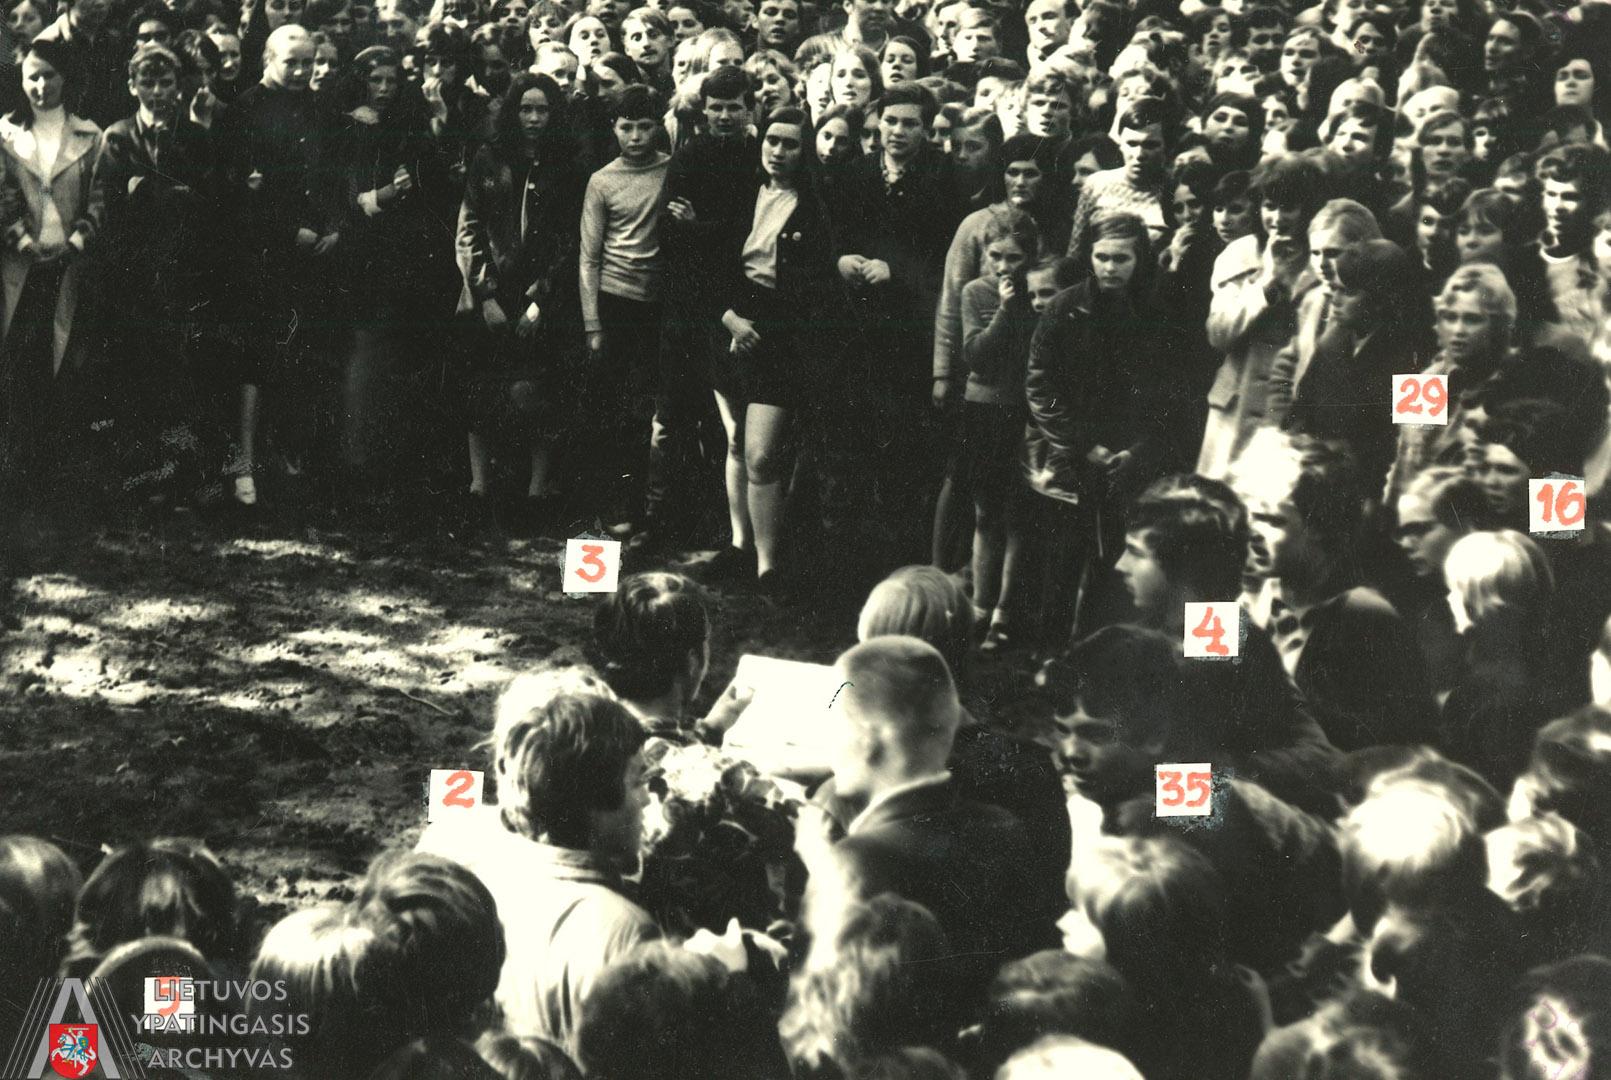 Kauno miesto sode pagerbti Romo Kalantos atminimo 1972 m. gegužės 18 d. susirinkę žmonės: Nr. 3 pažymėtas Rimantas Baužys skaito atsišaukimą, Vytautas Kaladė stovi tarp Nr. 2 ir Nr. 35 pažymėtų asmenų. Lietuvos ypatingasis archyvas, f. K-1, ap. 58, b. 476 44/3, t. 1, l. 91